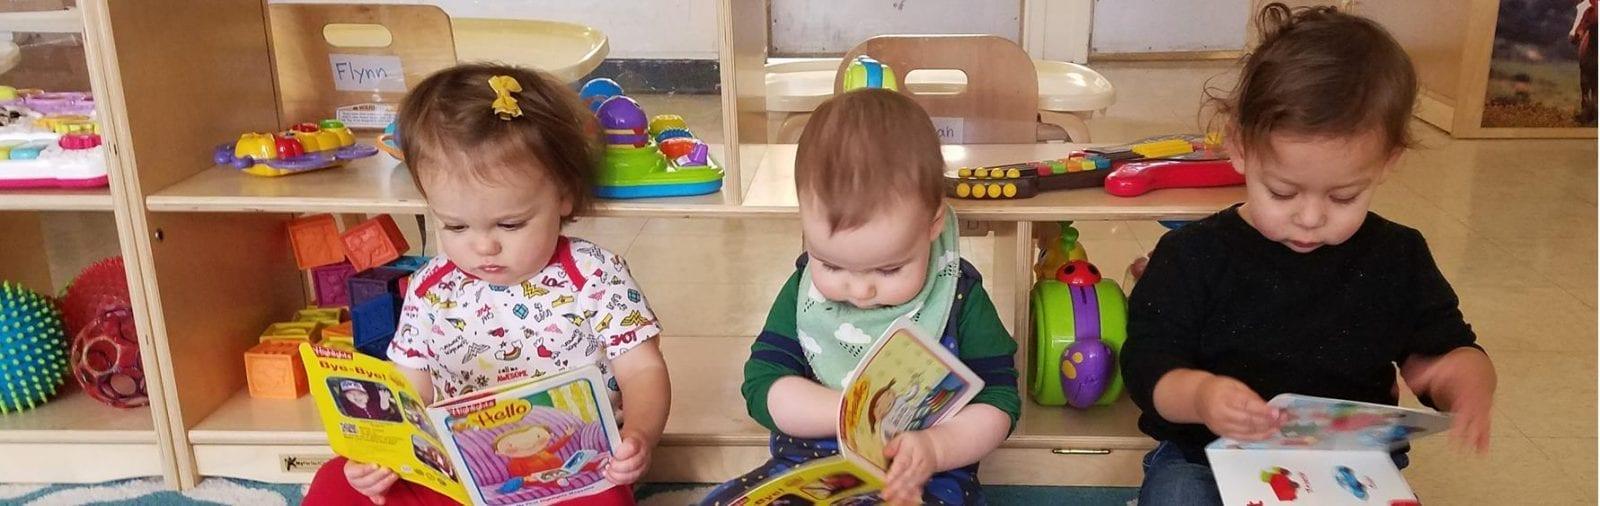 Infant Page Header Image